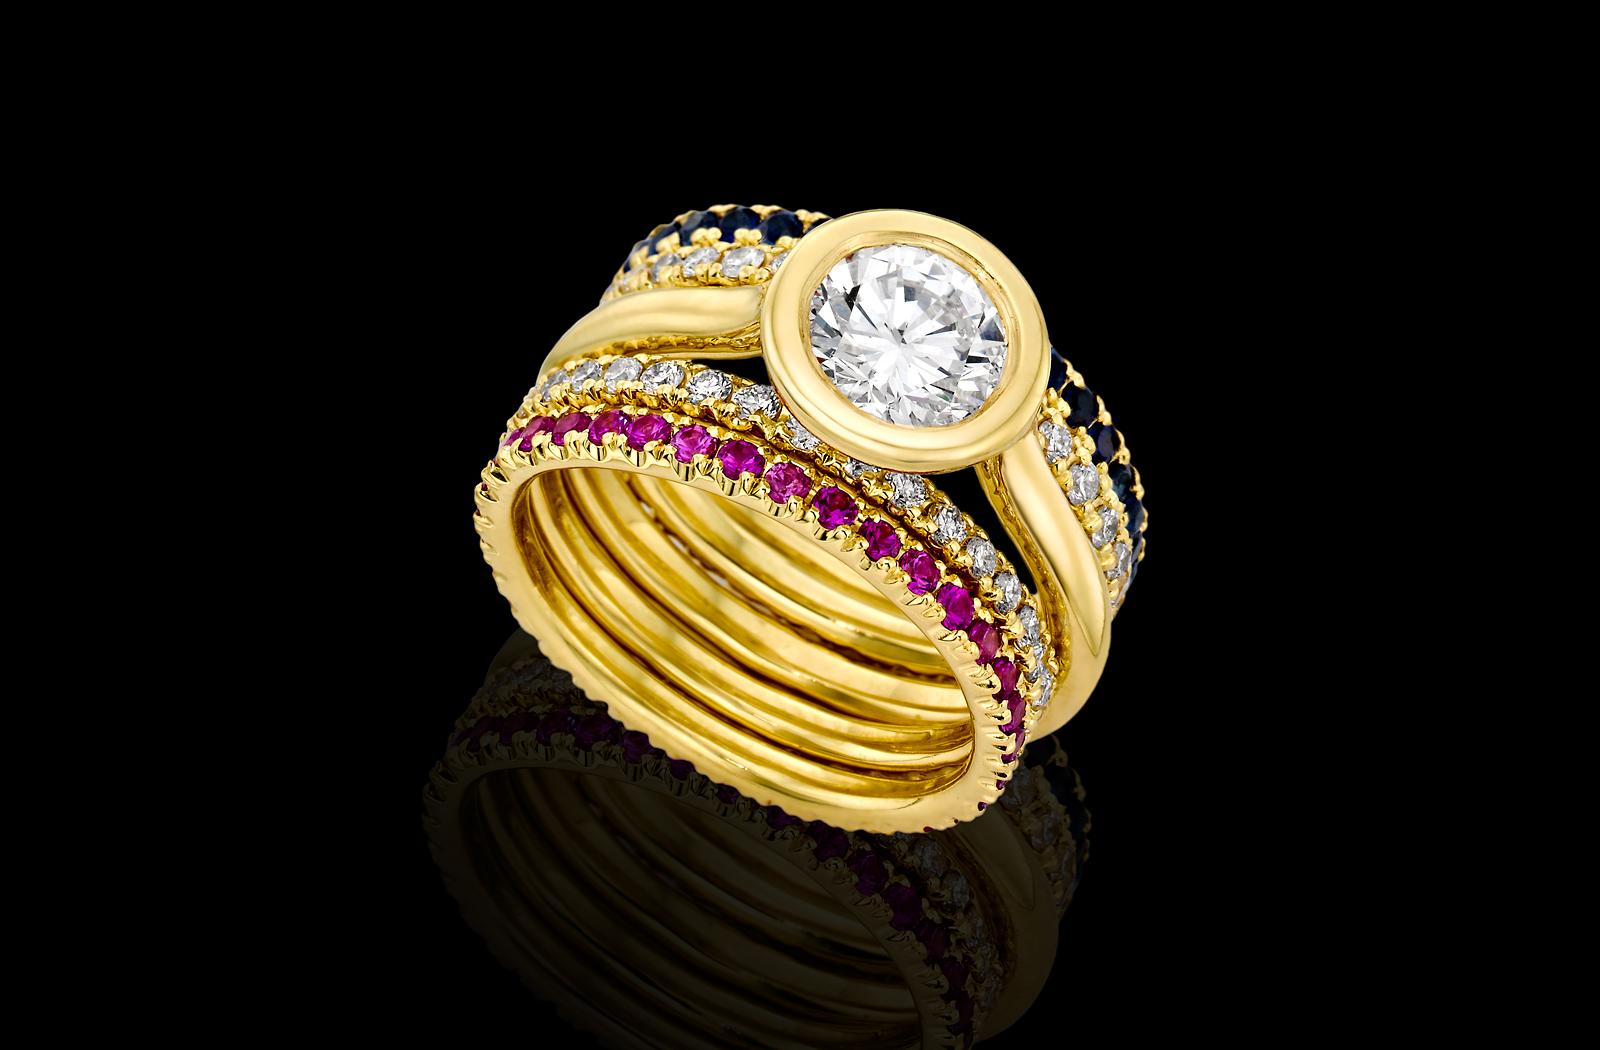 טבעת בזהב צהוב 18K משובצת יהלום, רובינים, ספירים כחולים